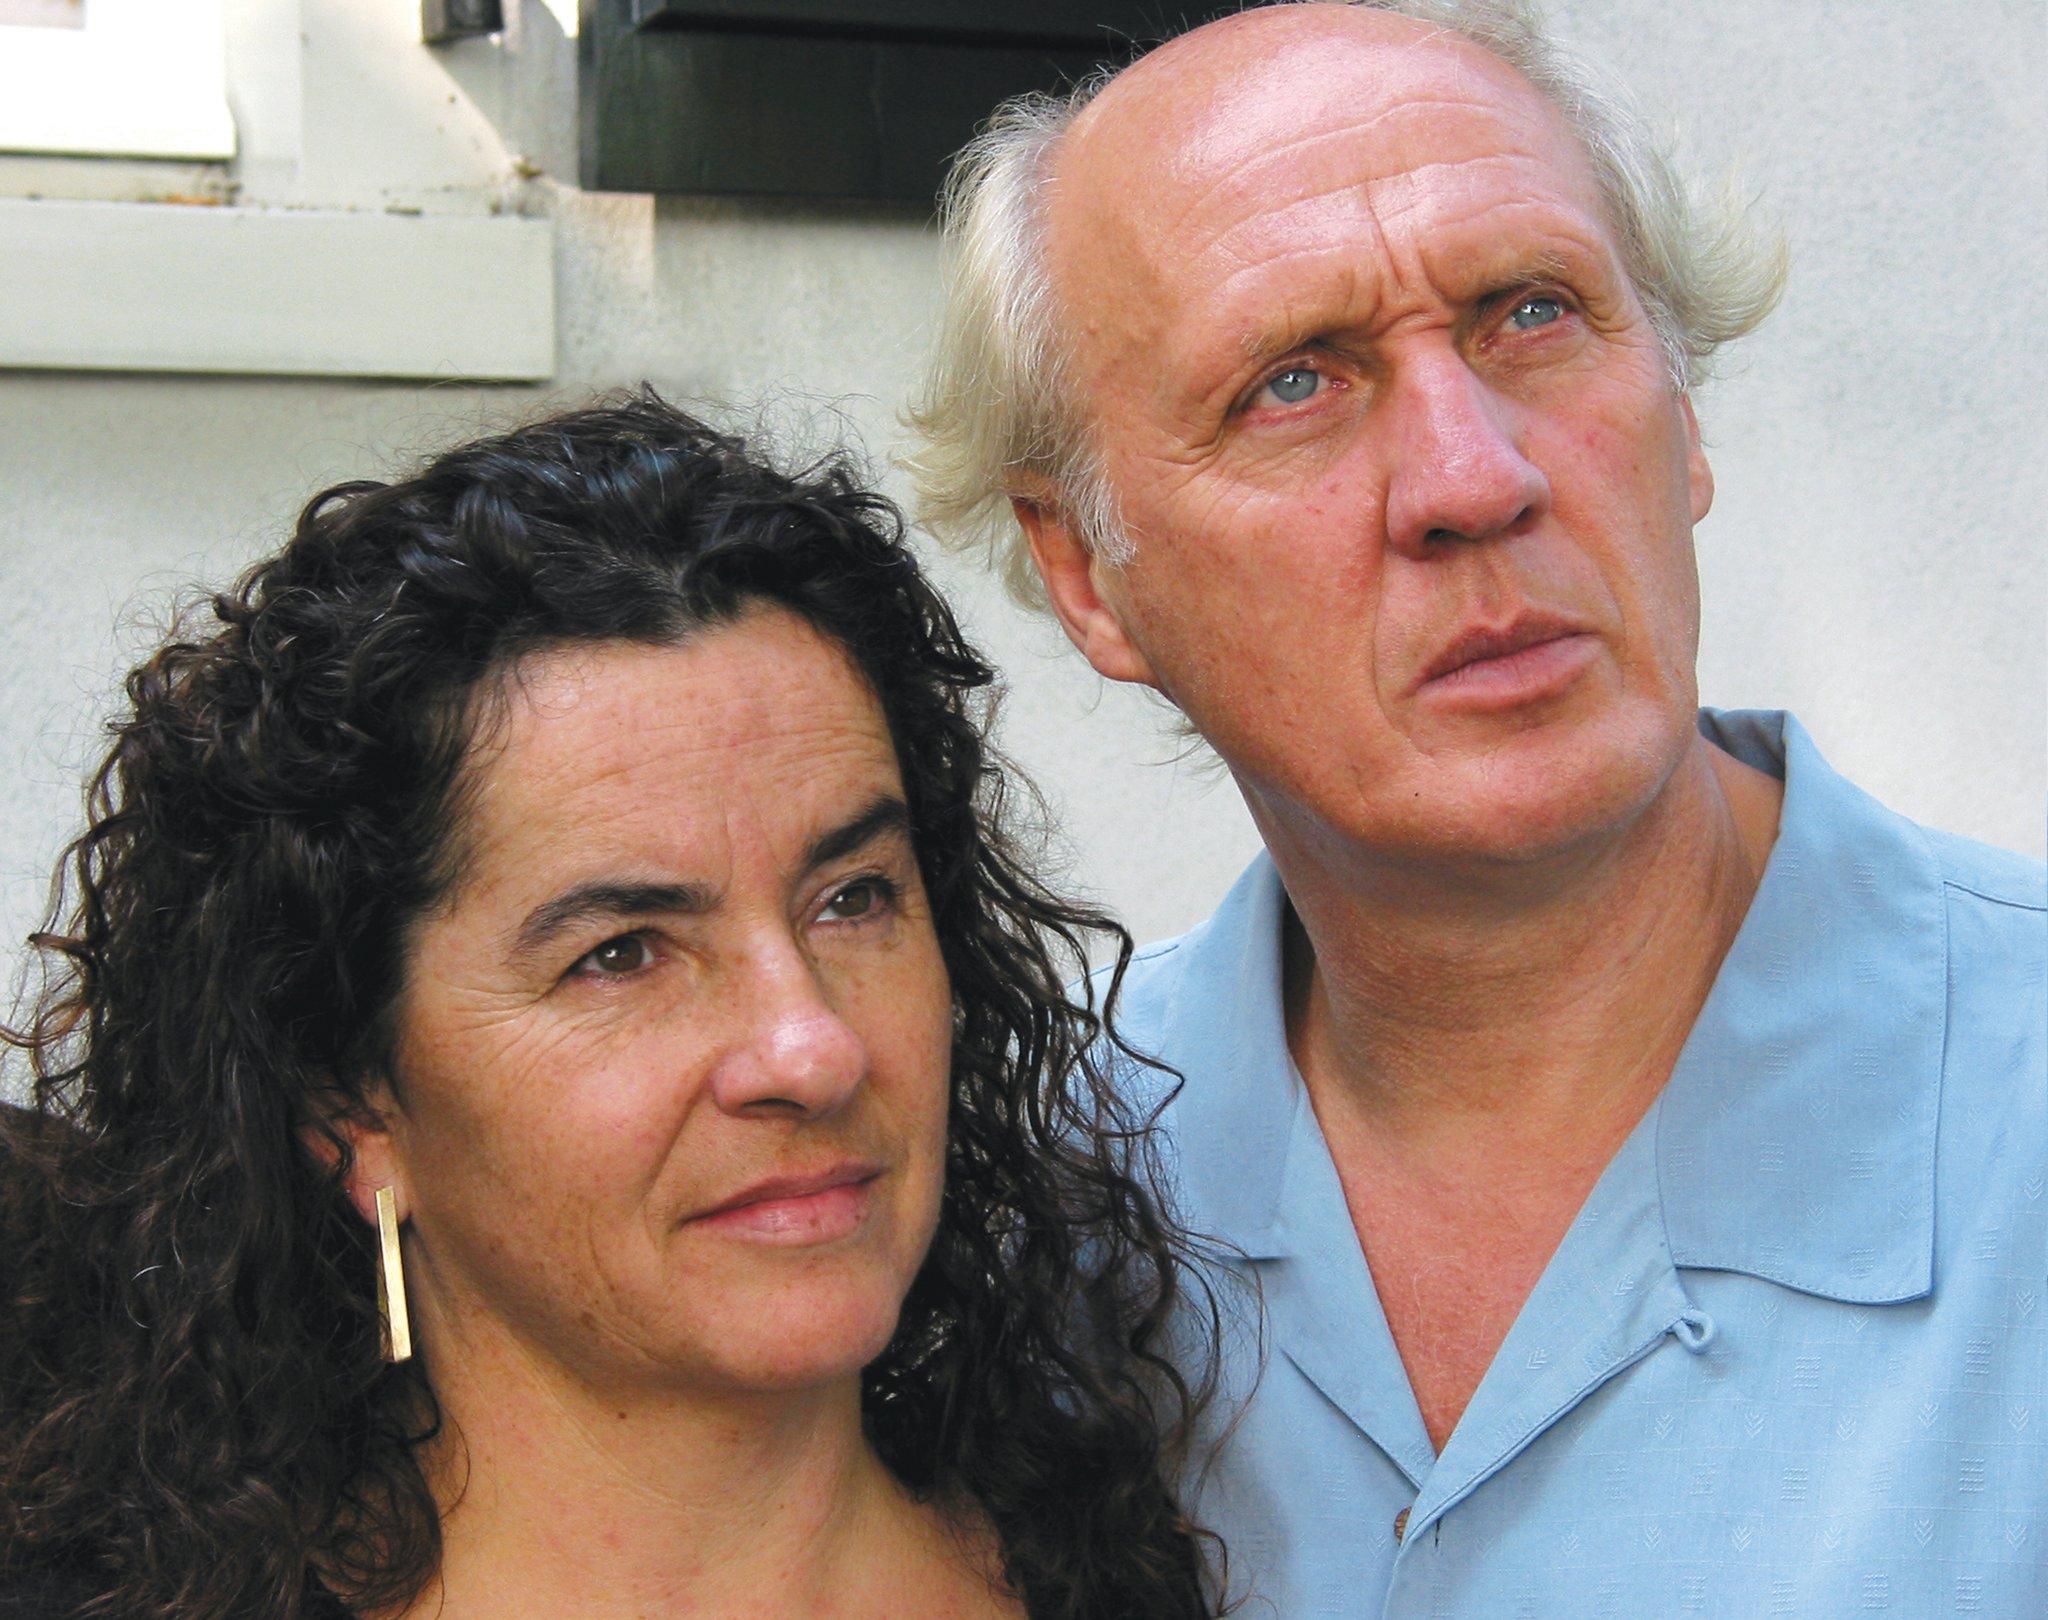 Interview Mit Herman Van Veen Gott Sah Alles Auch Die Bremsspuren In Meiner Unterhose Essen Sud